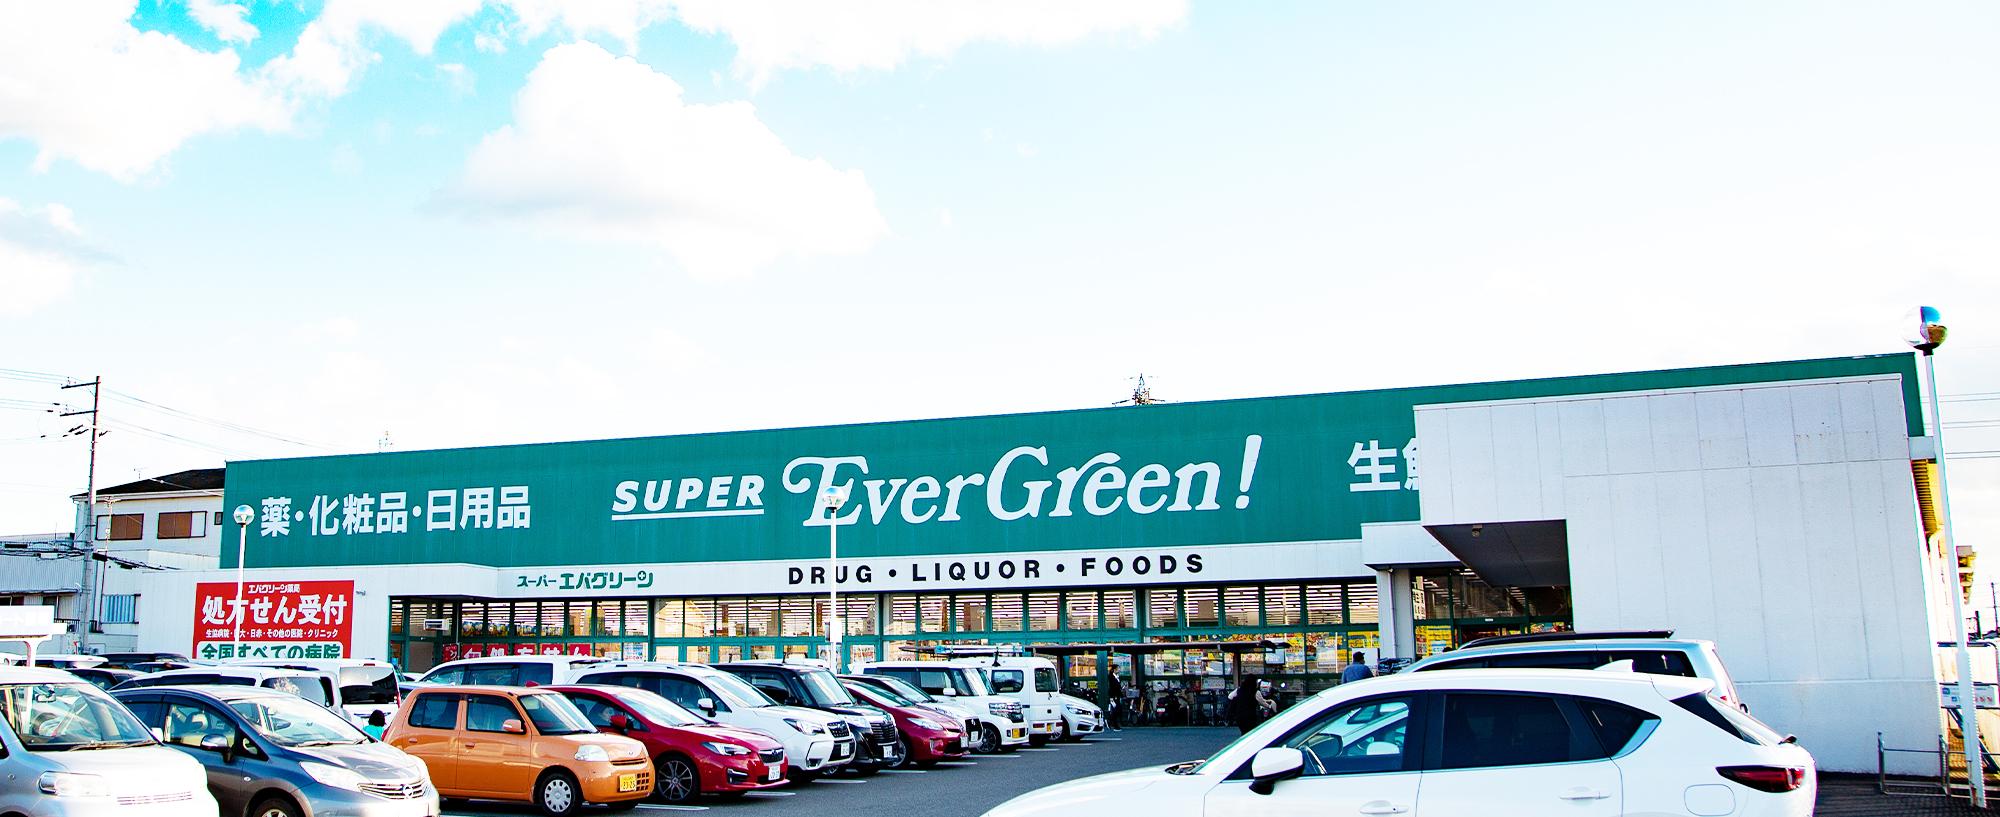 スーパーエバグリーン